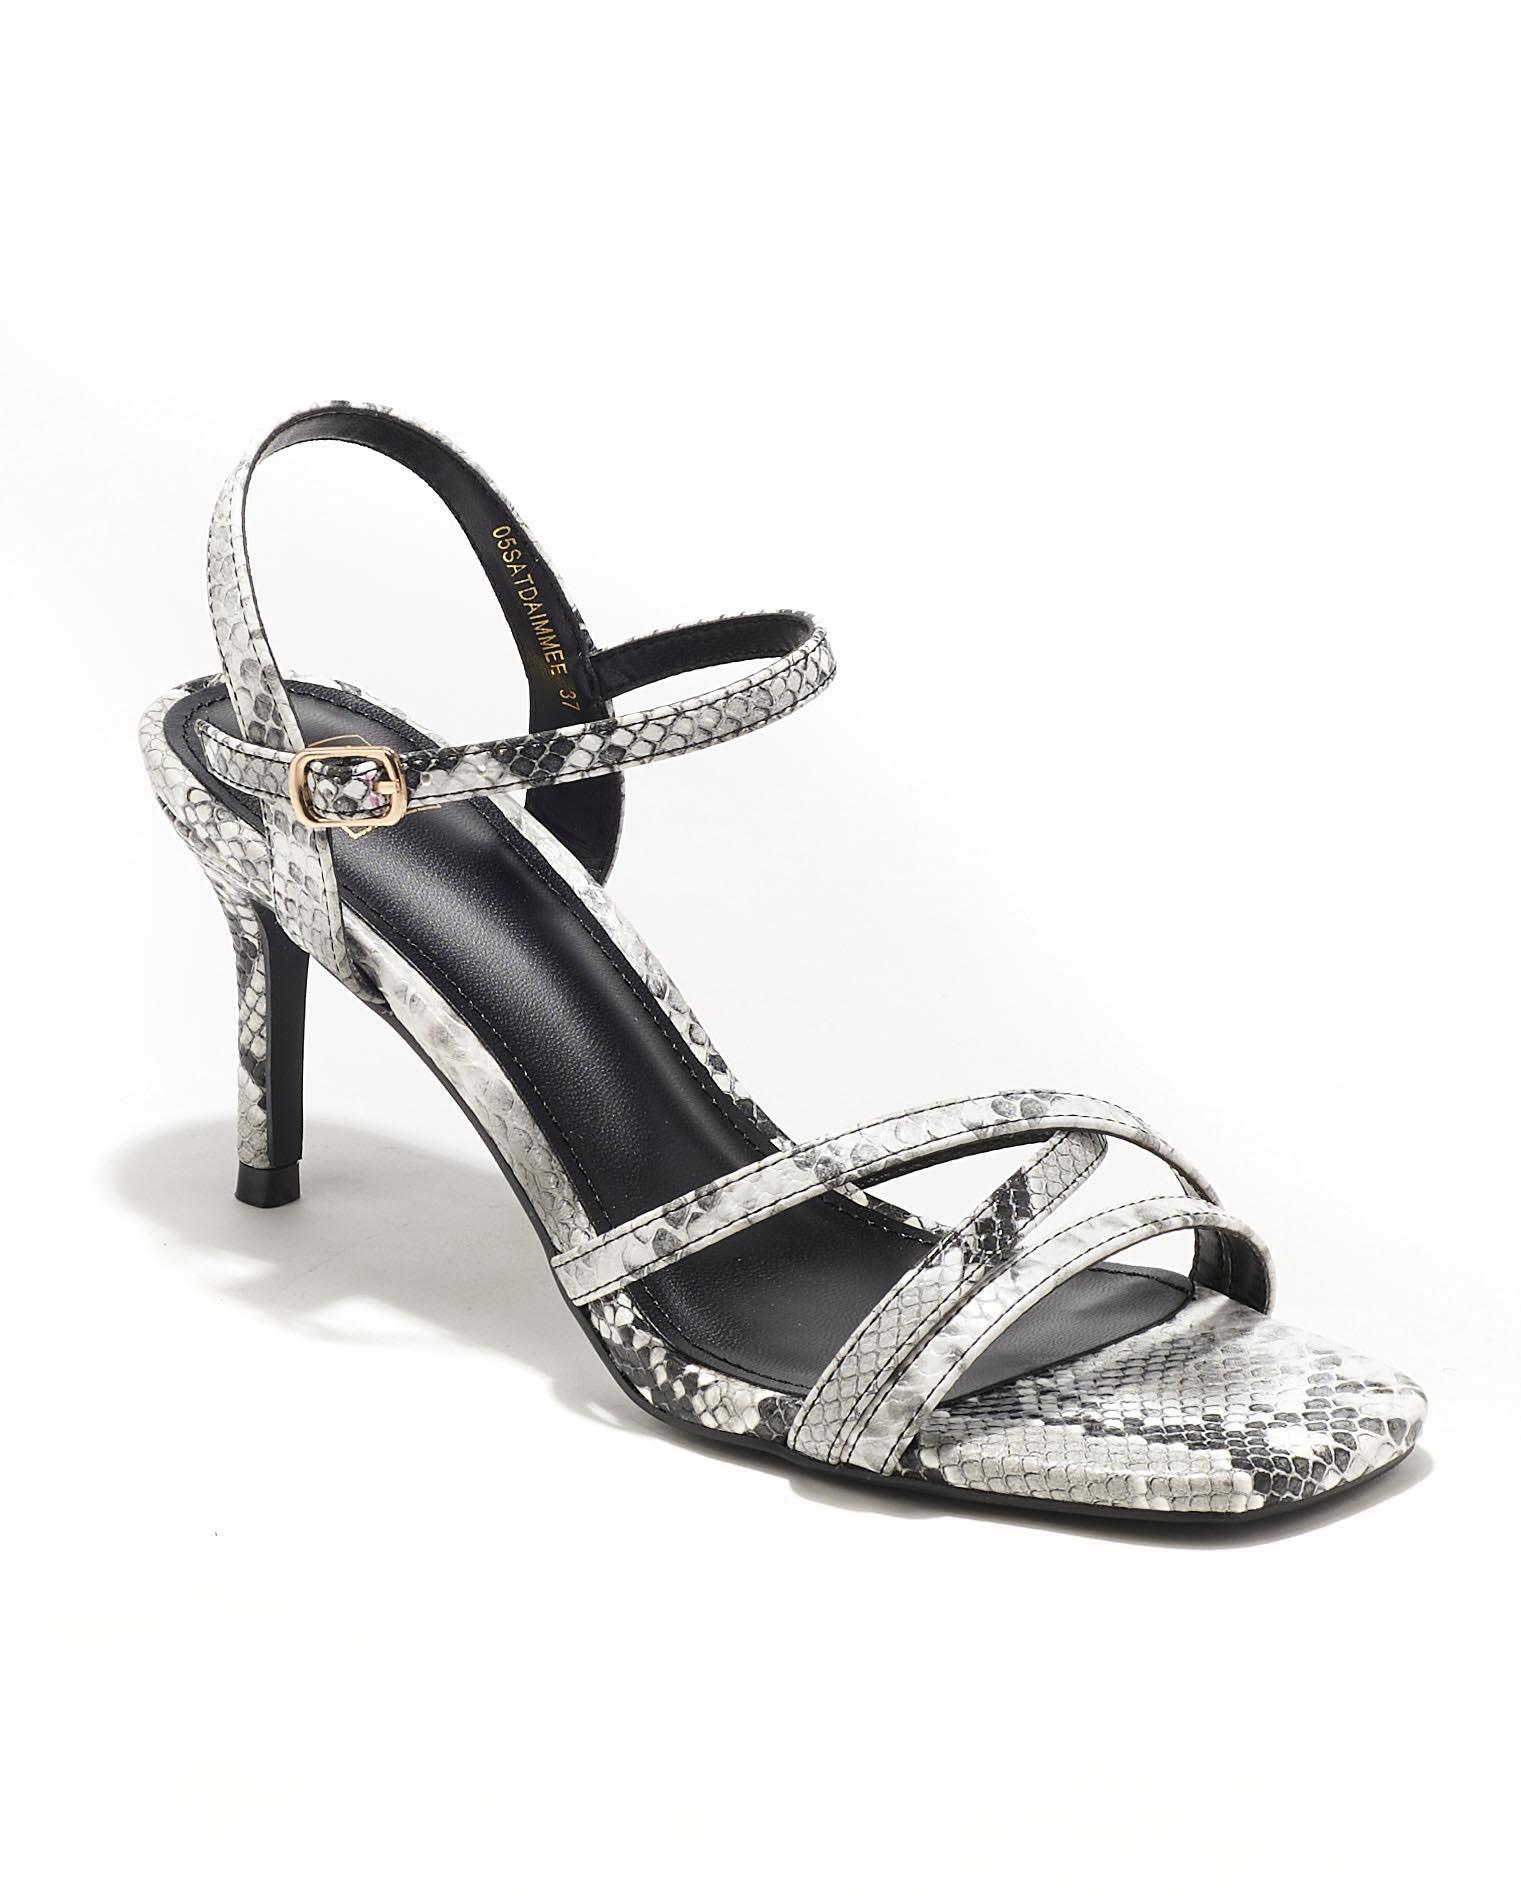 Sandales À Talons Femme - Sandale Talon Decrochee Python Gris Jina - W-L88-18